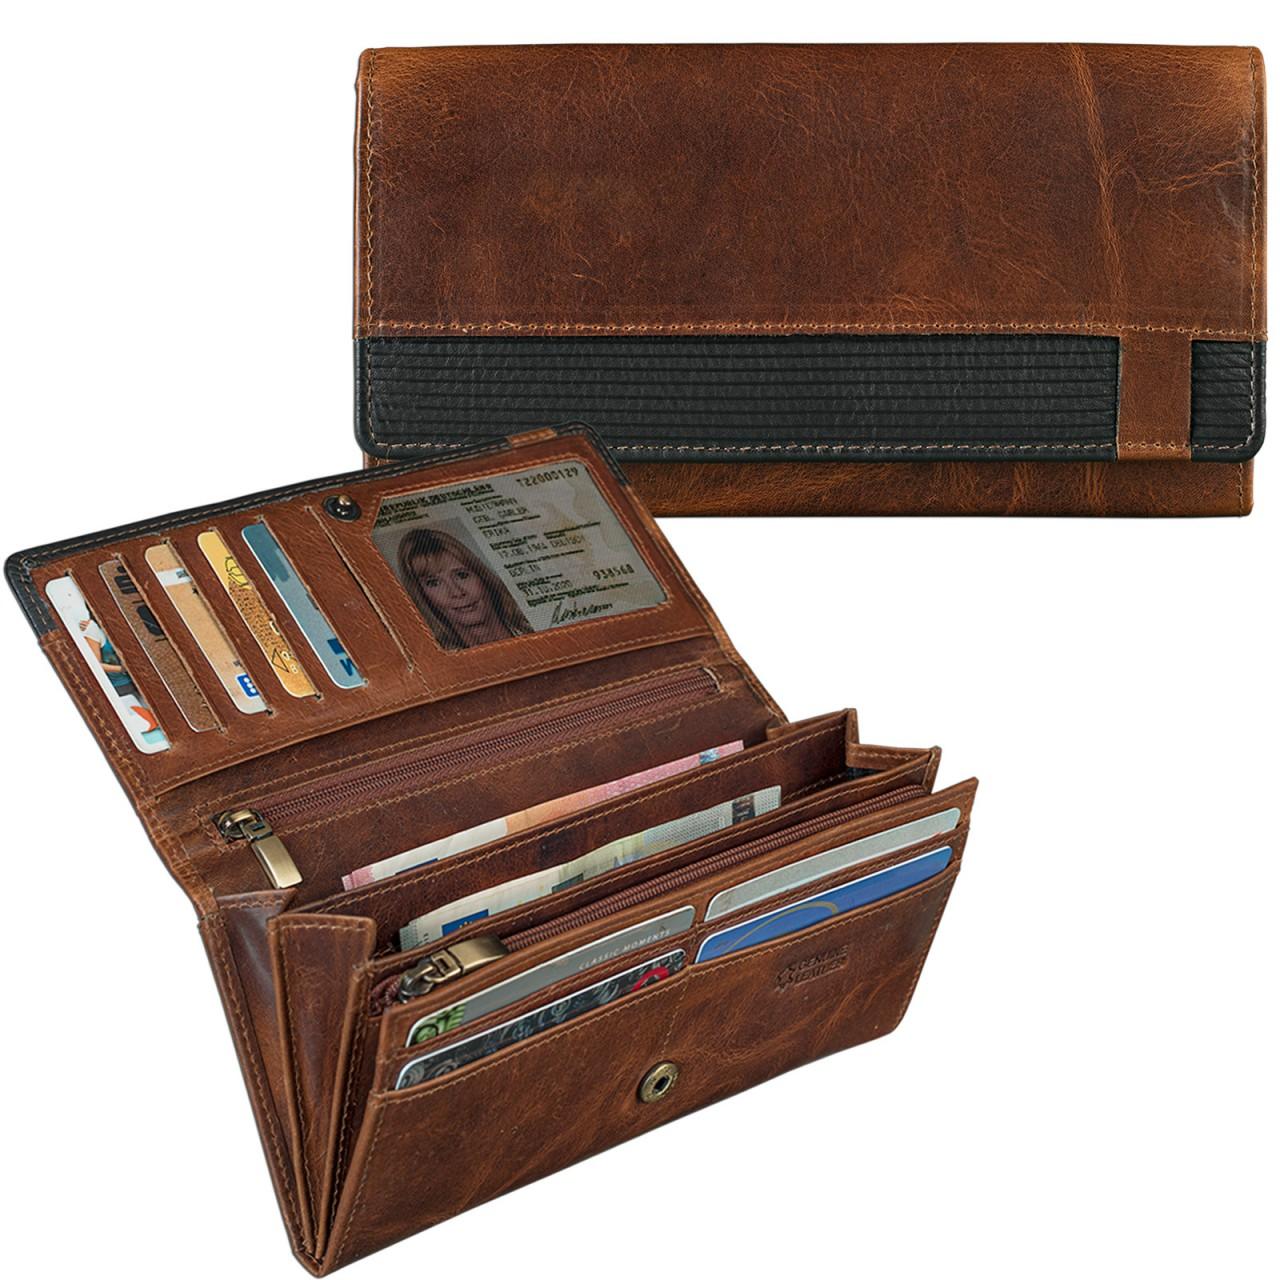 STILORD Vintage Damen Portemonnaie zeitlos und klassisch Geldbörse Quer EC-Karten 2 Kleingeldfächer Leder Braun - Bild 3